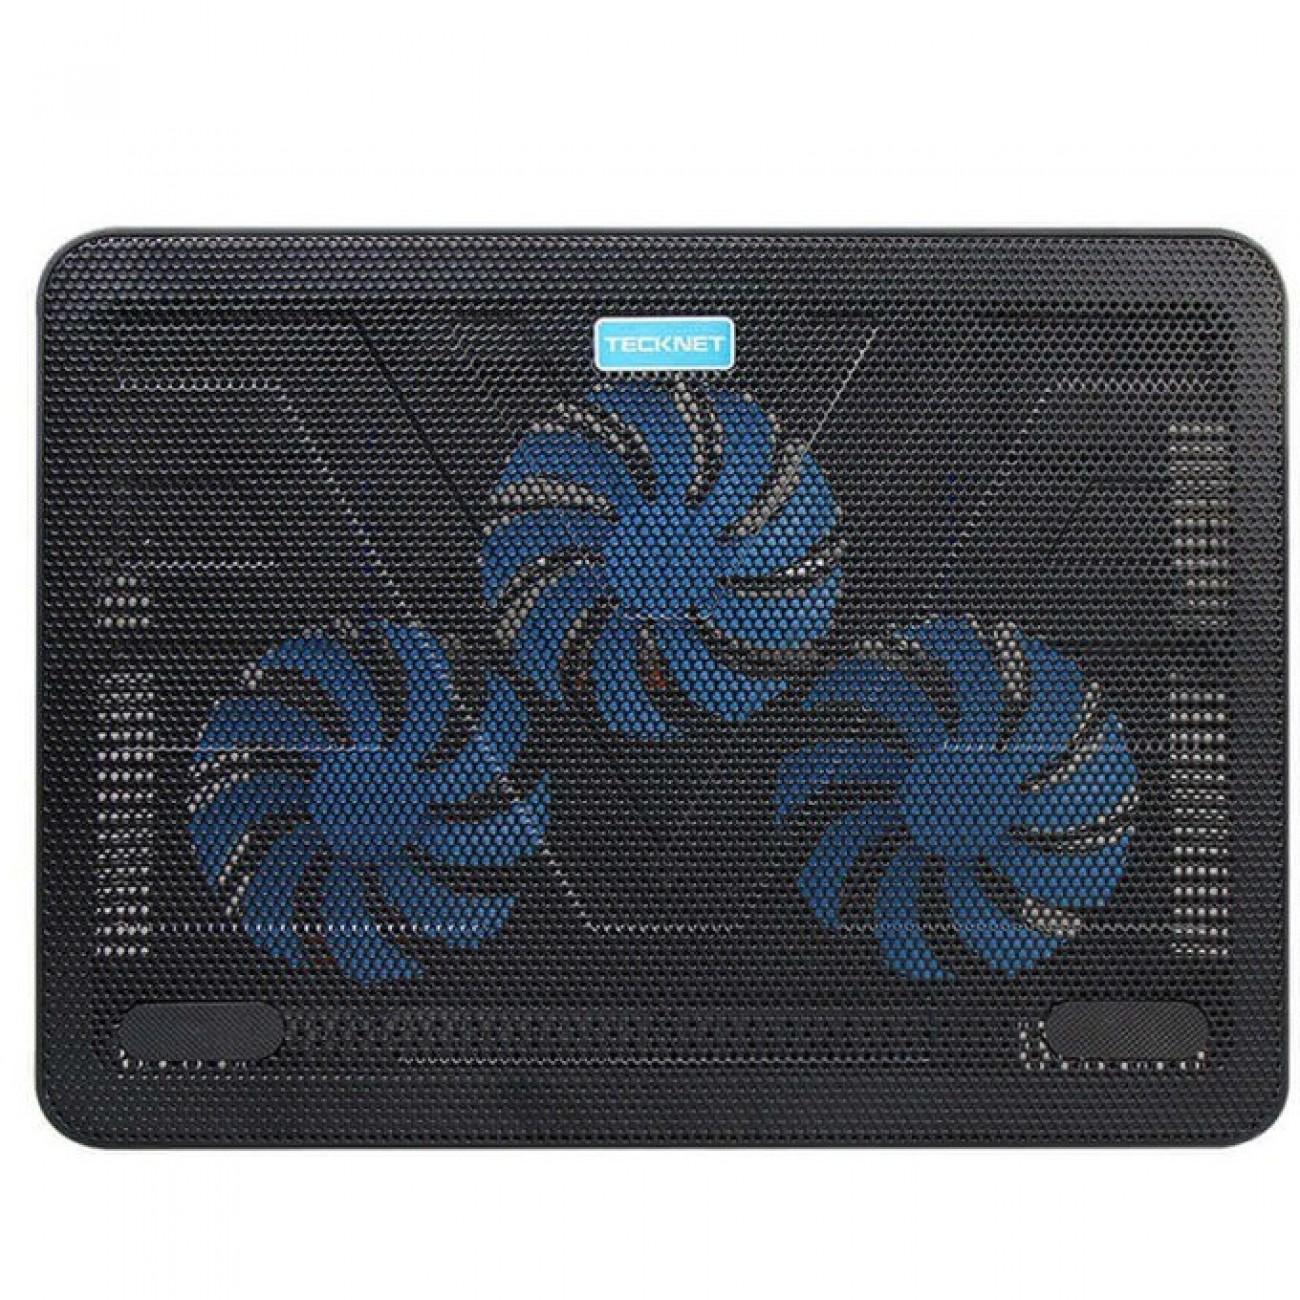 Охлаждаща поставка за лаптоп TeckNet N8 за Mac и преносими компютри, ергономична, 3 големи вентилаторa, черна в Лаптоп Охладители -  | Alleop